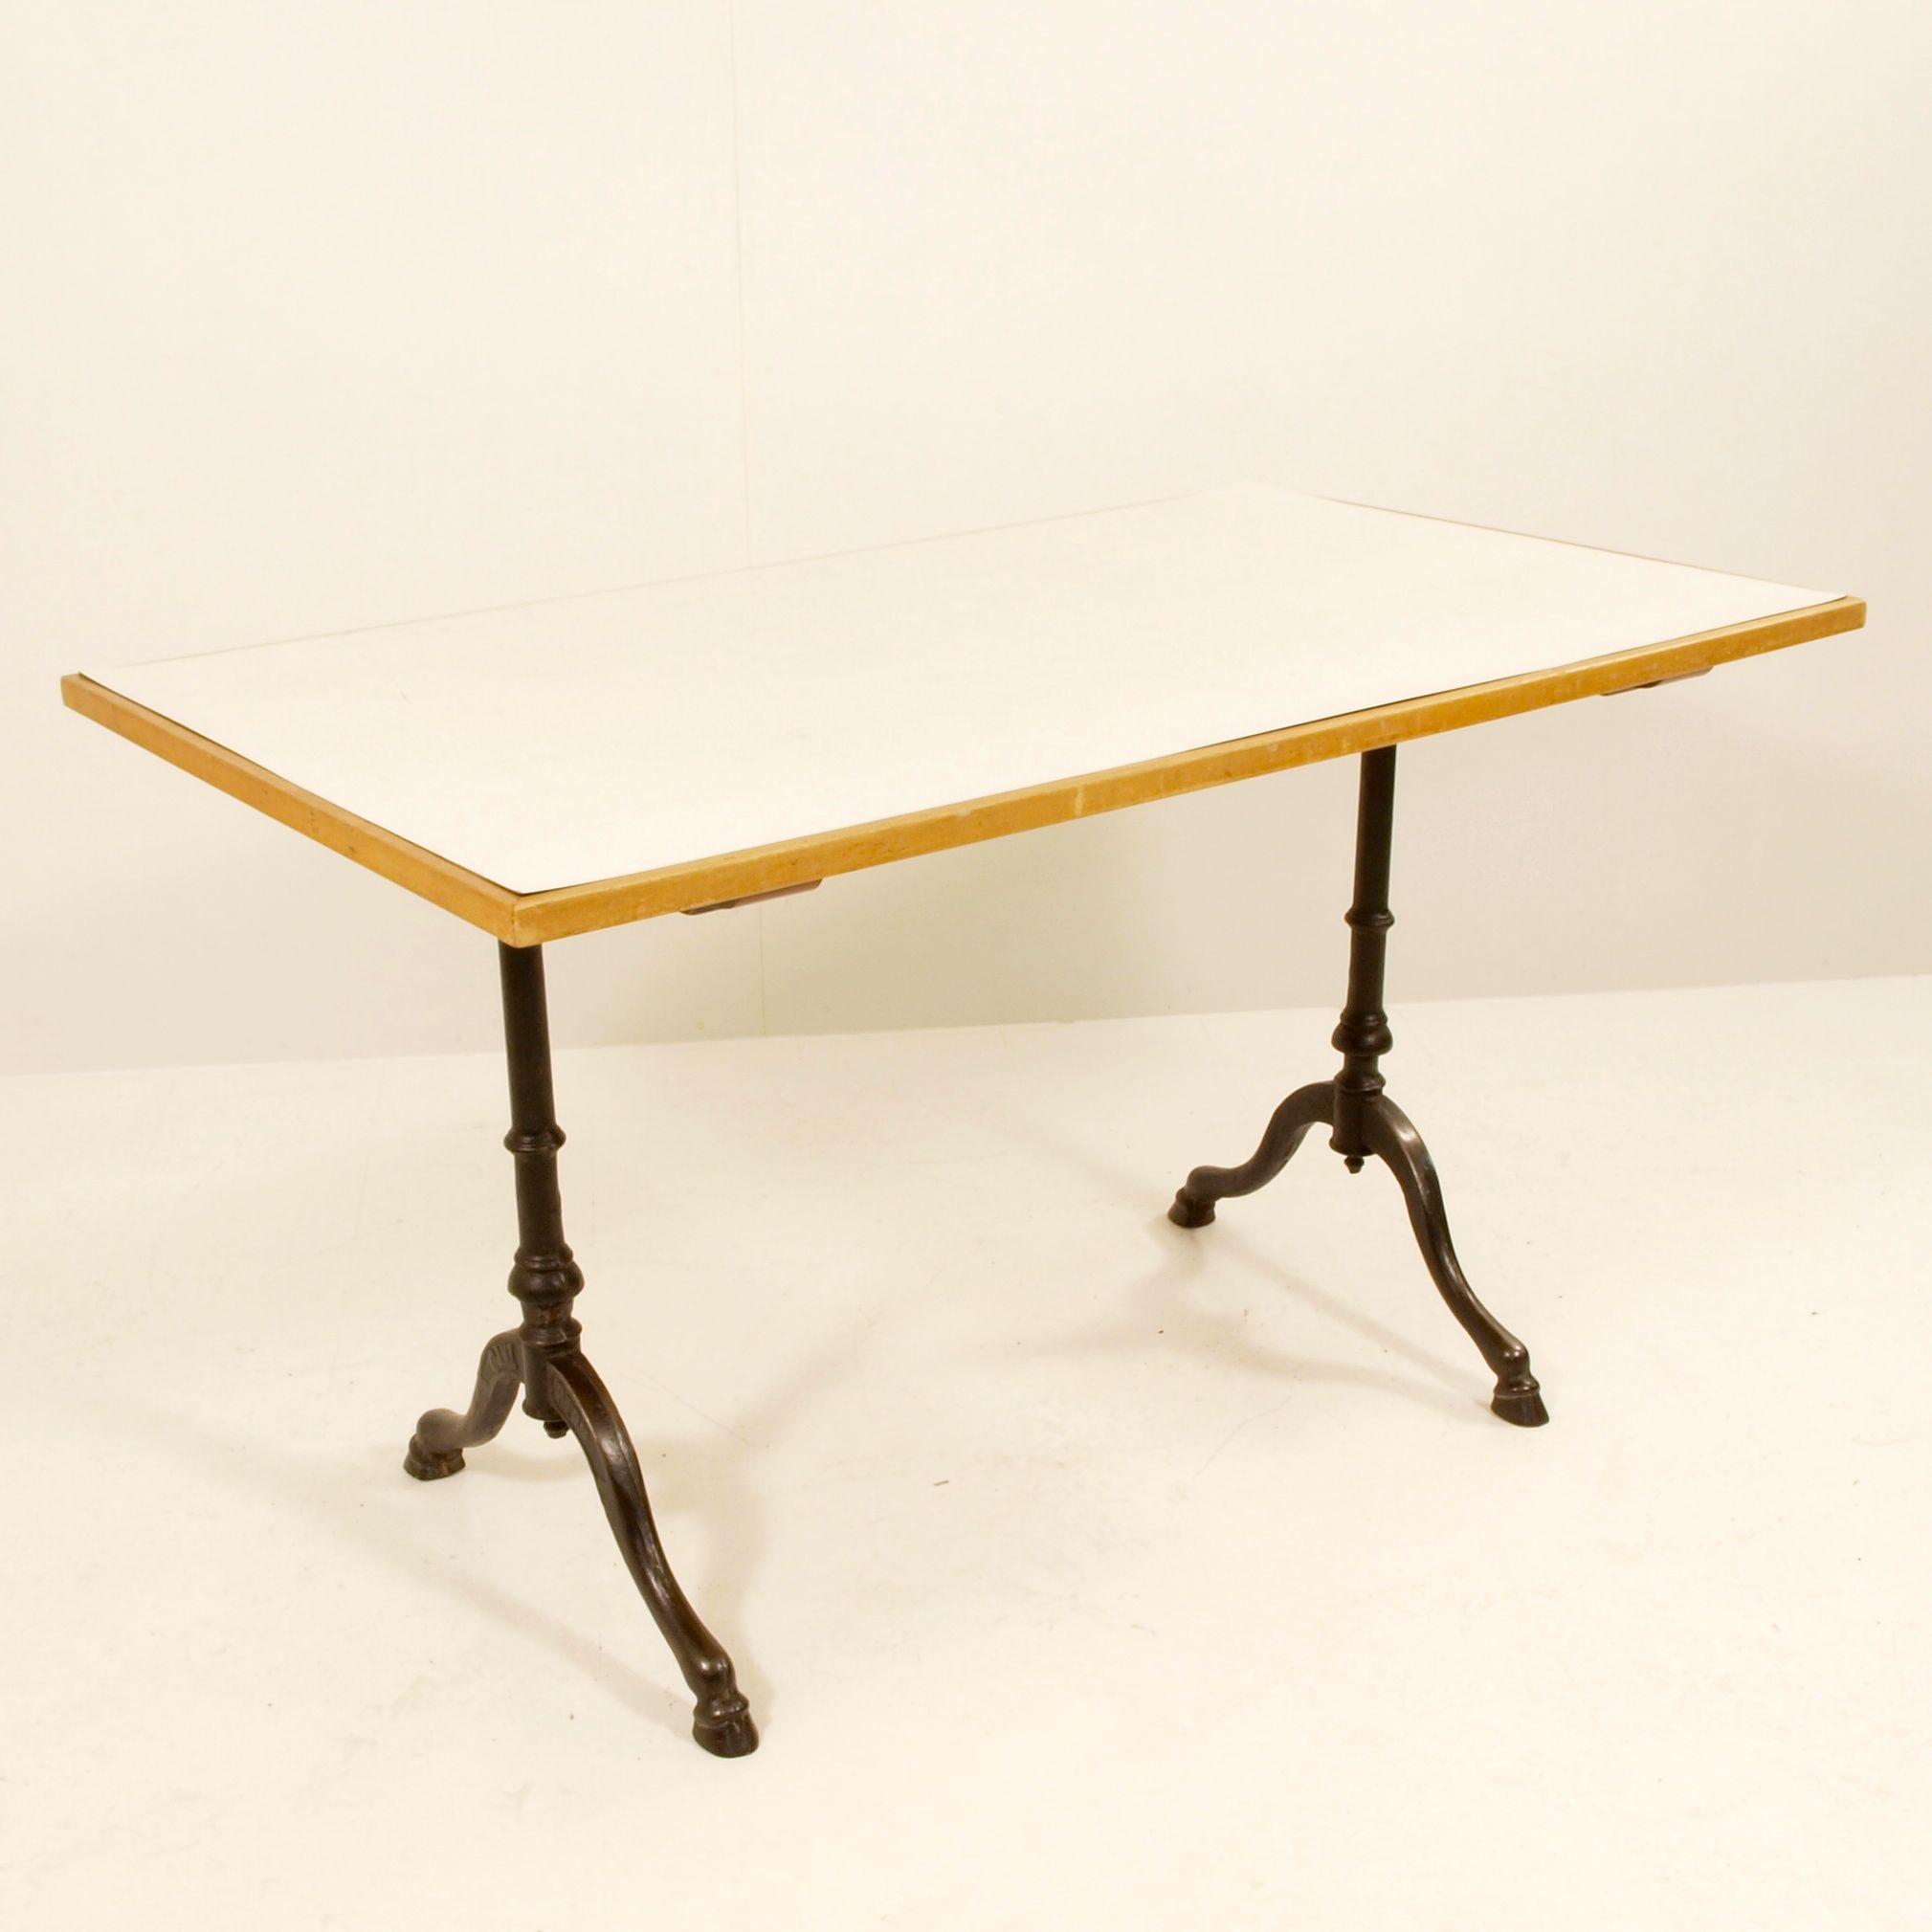 kunstharz tischplatte weiss grau meliert m bel z rich vintagem bel. Black Bedroom Furniture Sets. Home Design Ideas